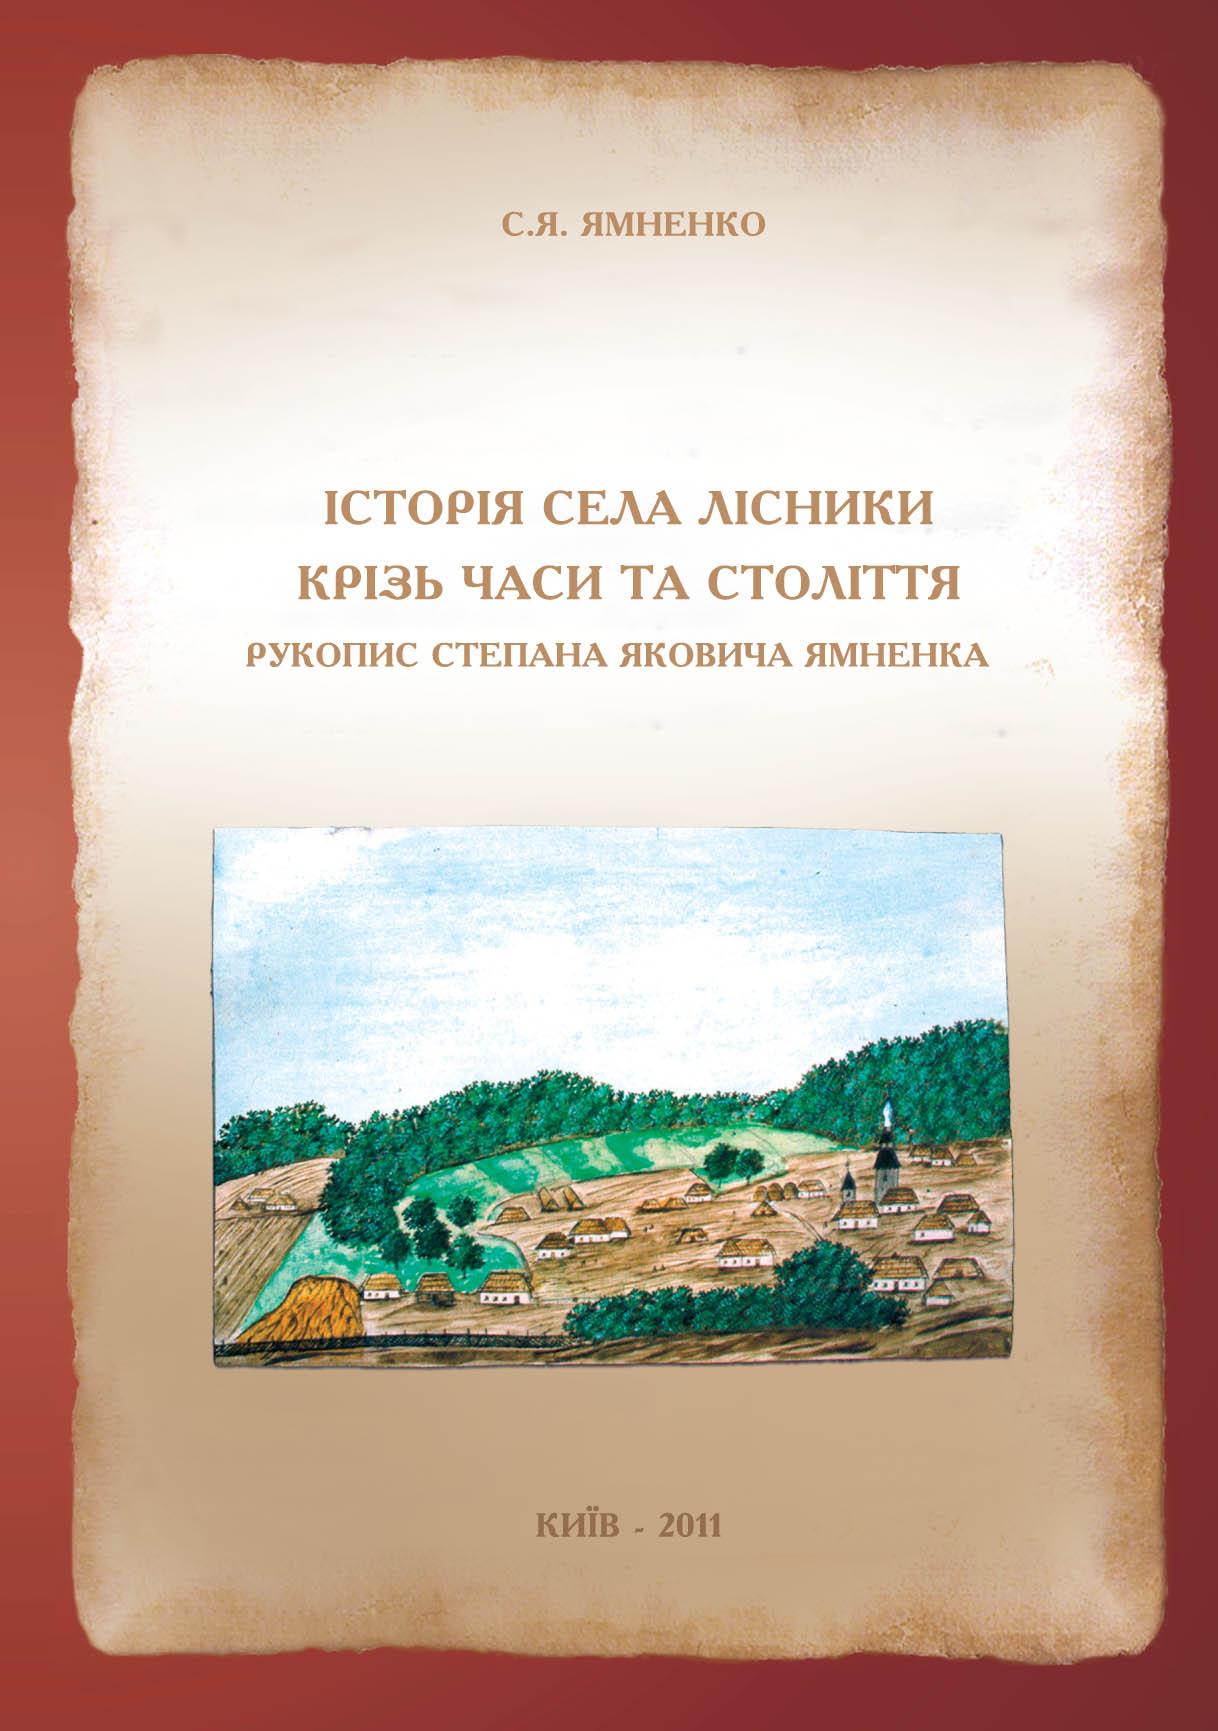 Історія села Лісники крізь часи та століття. Рукопис С. Ямненка